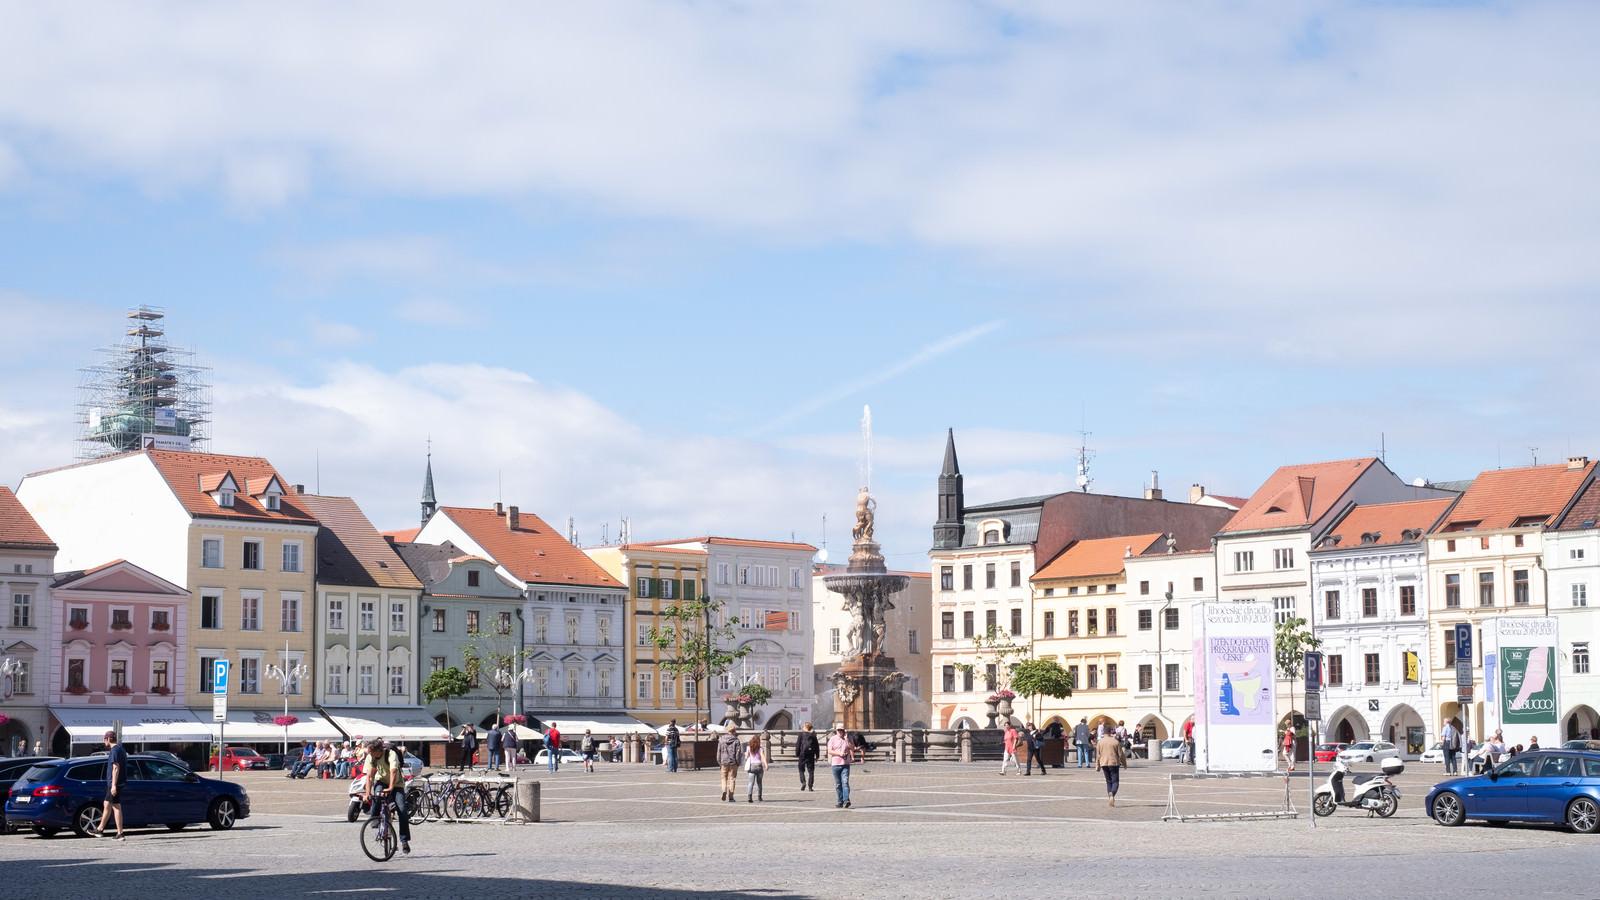 「チェスケーブジェヨヴィツェの空と広場(ブドヴァル)」の写真